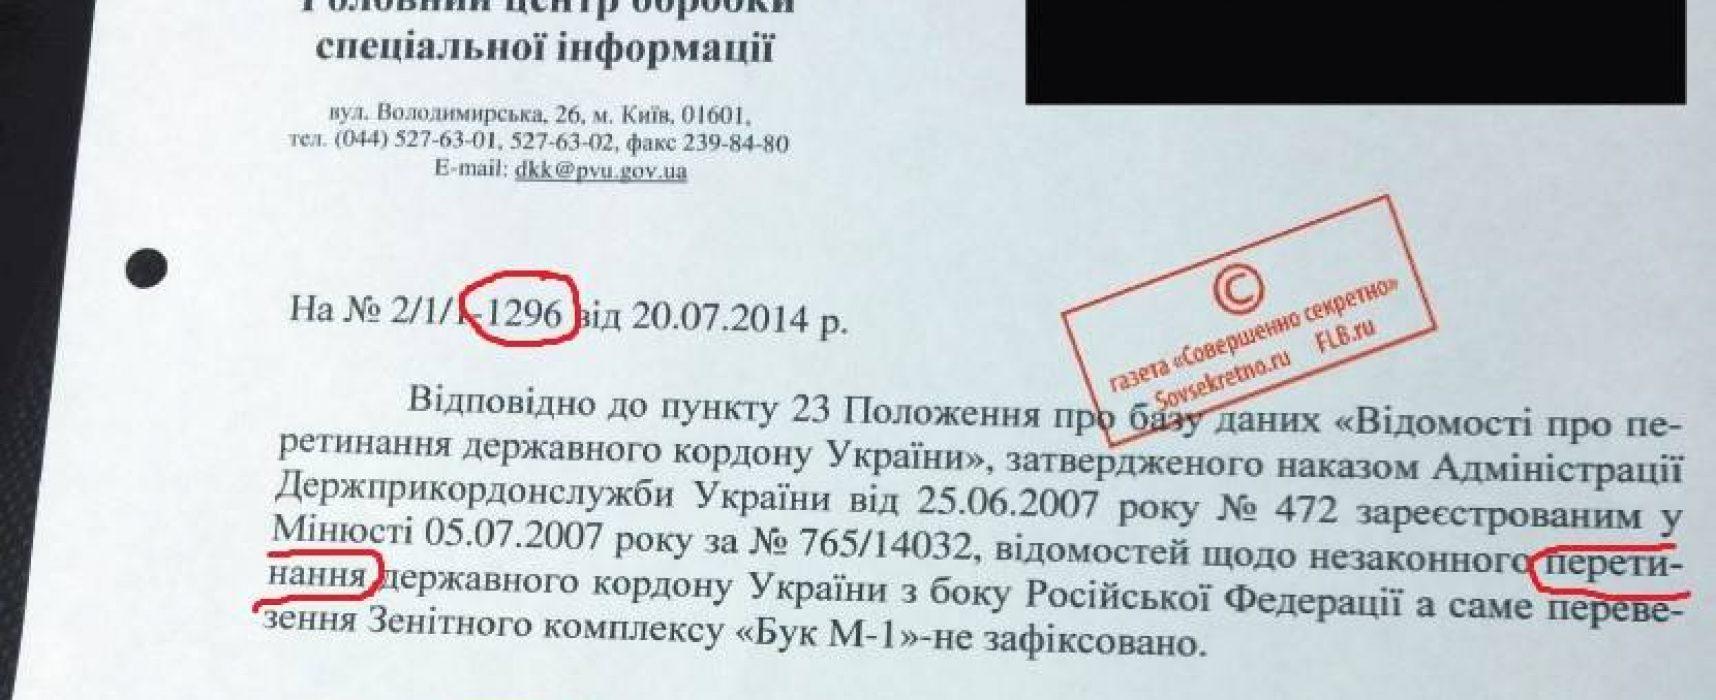 Fake : Documento del servizio di frontiera smentisce la teoria del BUK